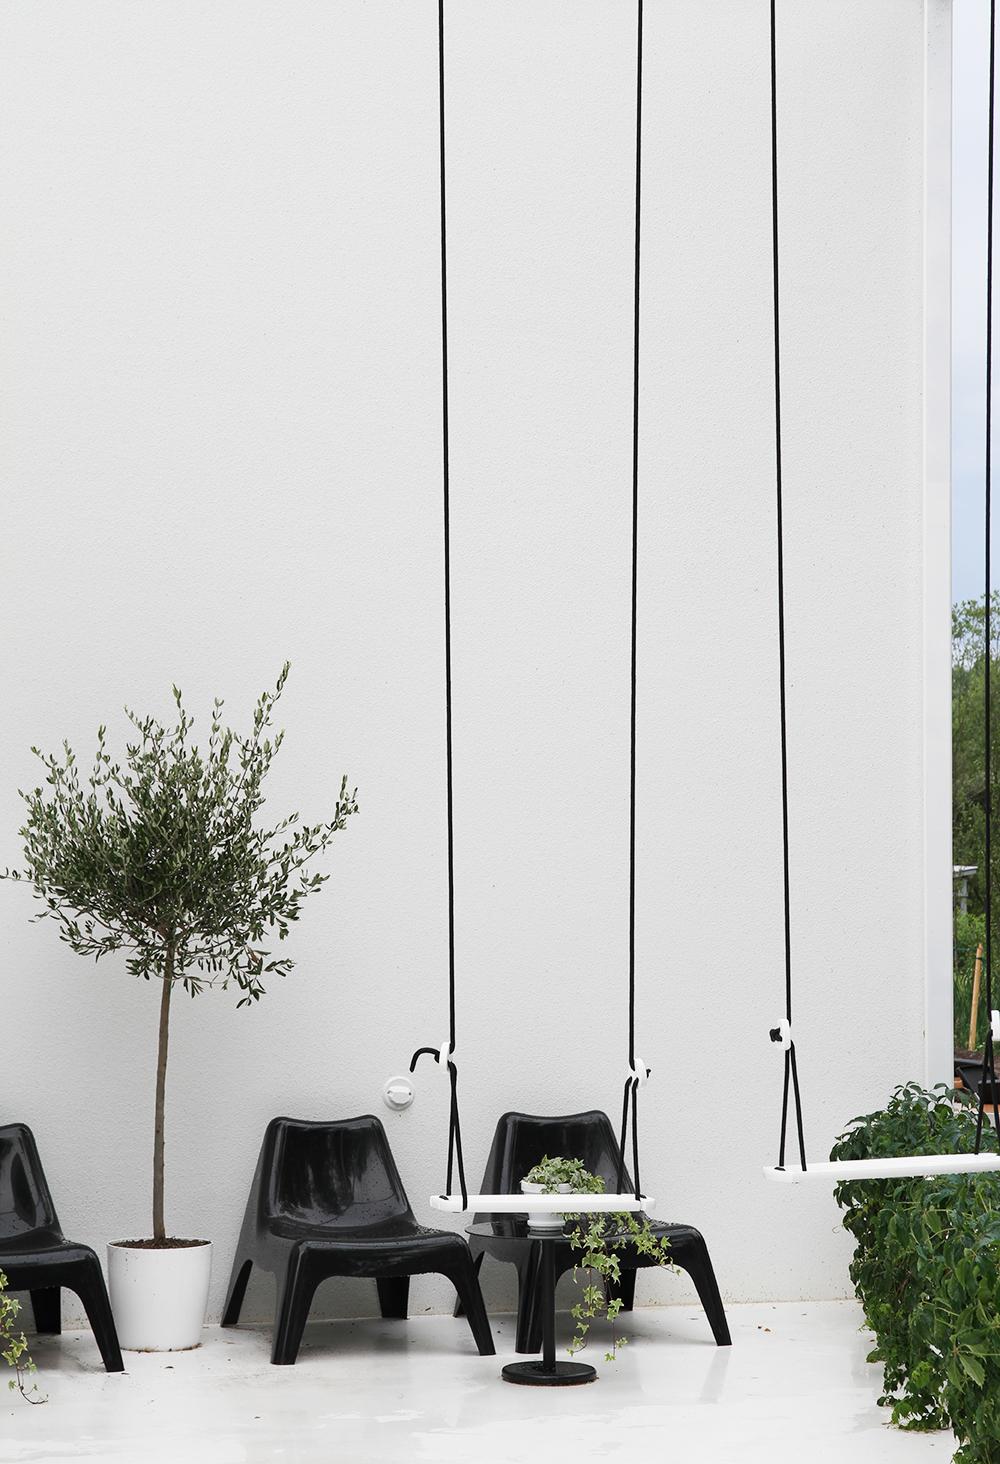 hunajaista asuntomessuilla jyvaskylassa 2014 hienoin terassi valkoinen